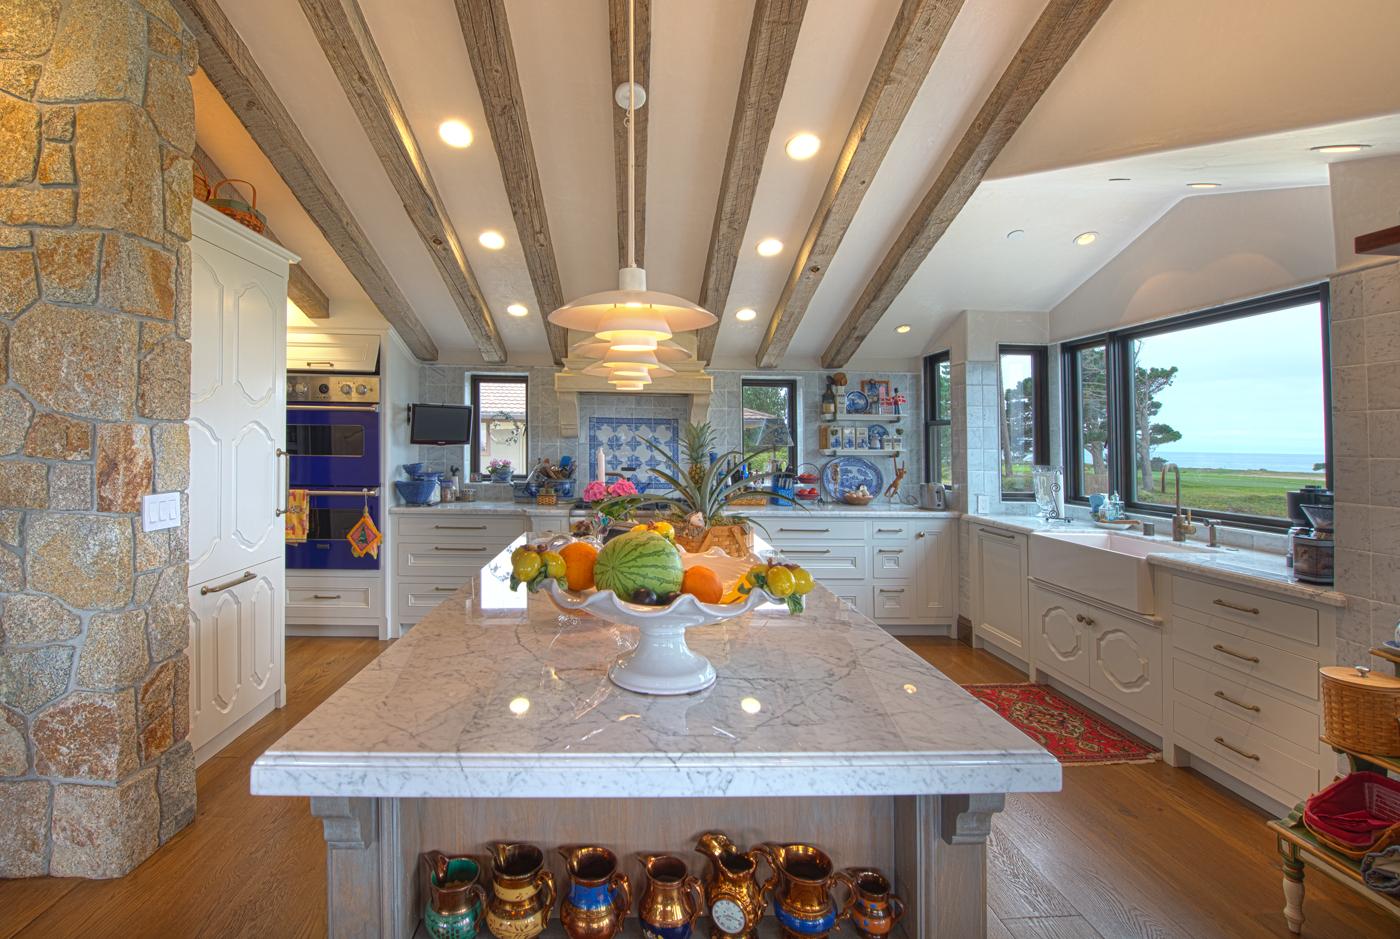 Posey Residence - 5 Kitchen.jpg